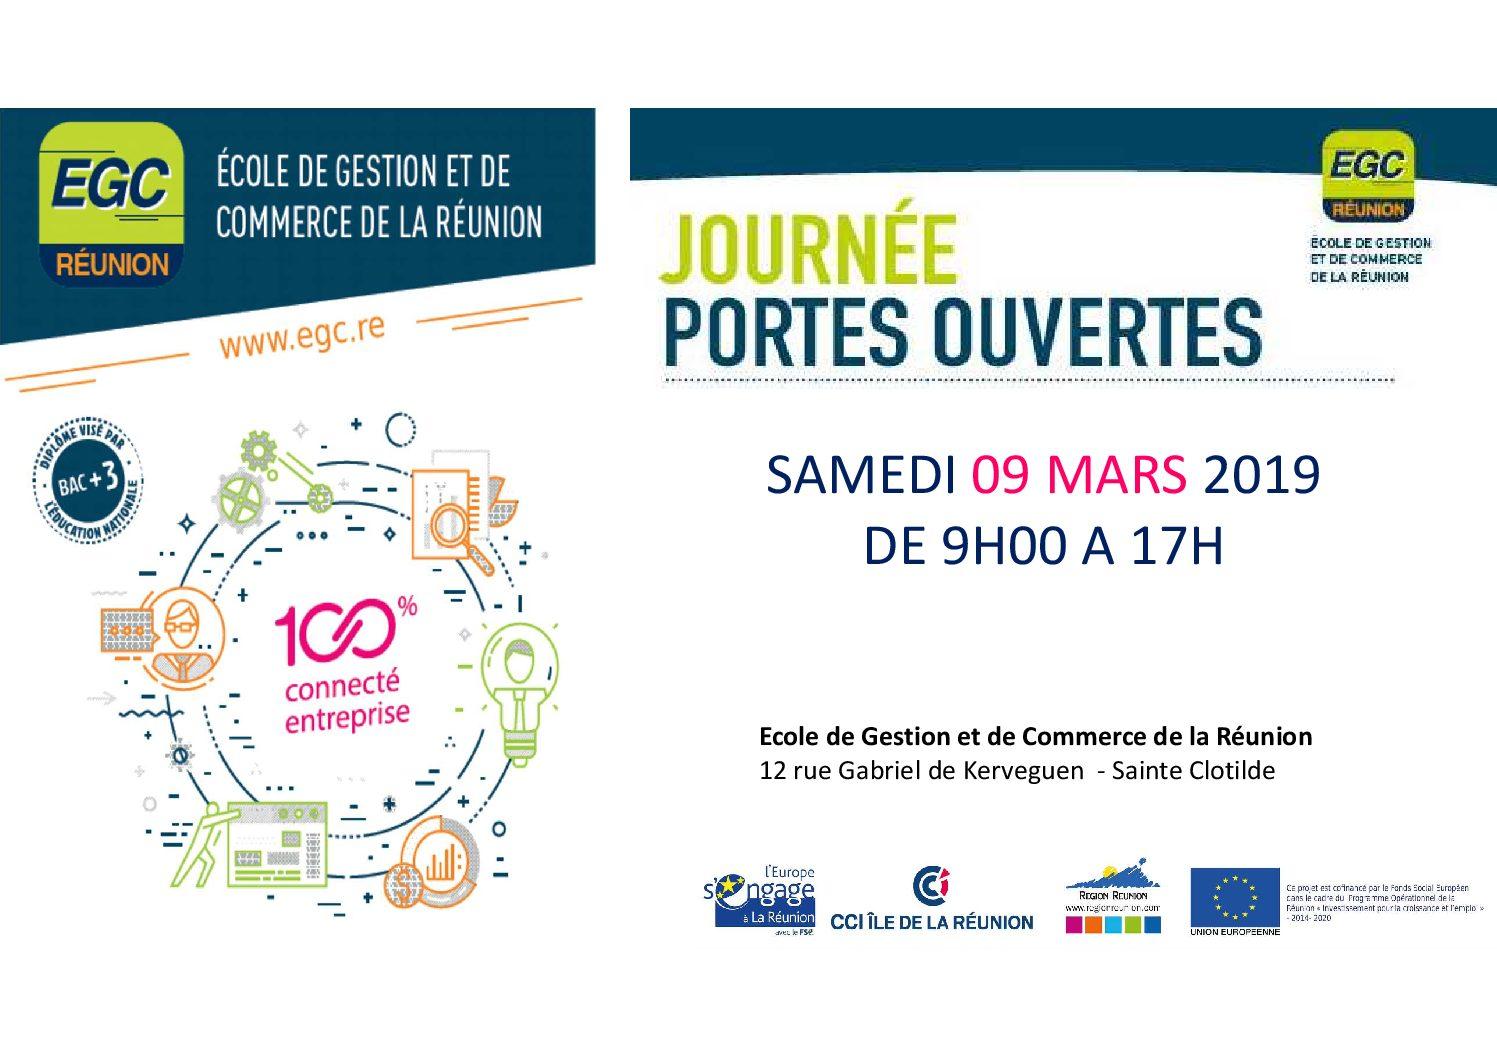 Samedi 09 mars 2019:  Portes Ouvertes à l'EGC Réunion!